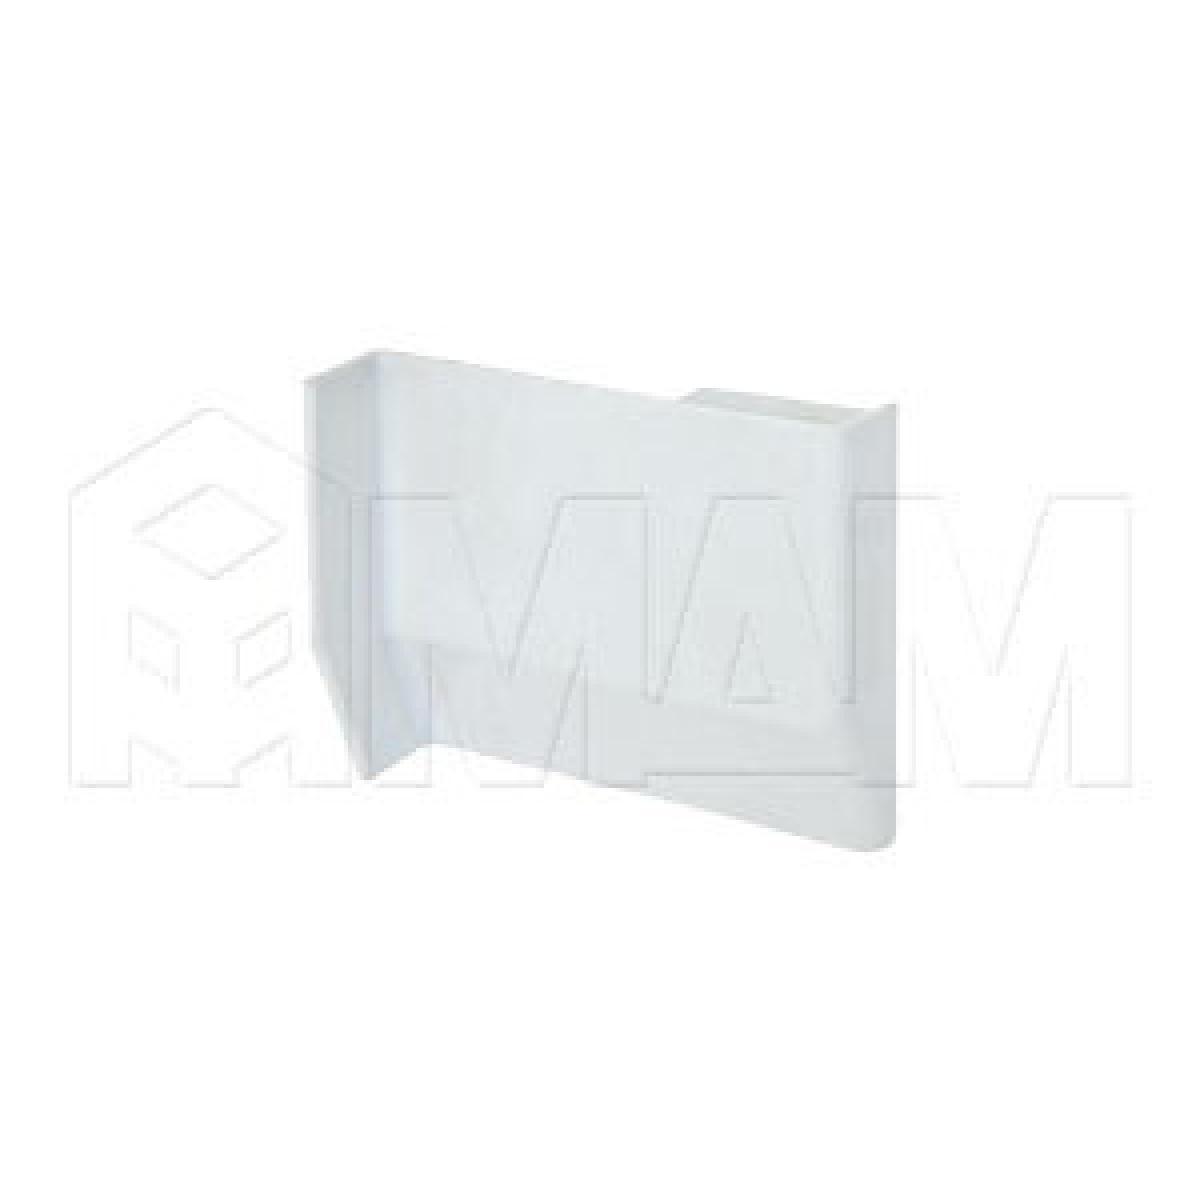 801 Заглушка для мебельного навеса, пластик, белая, правая